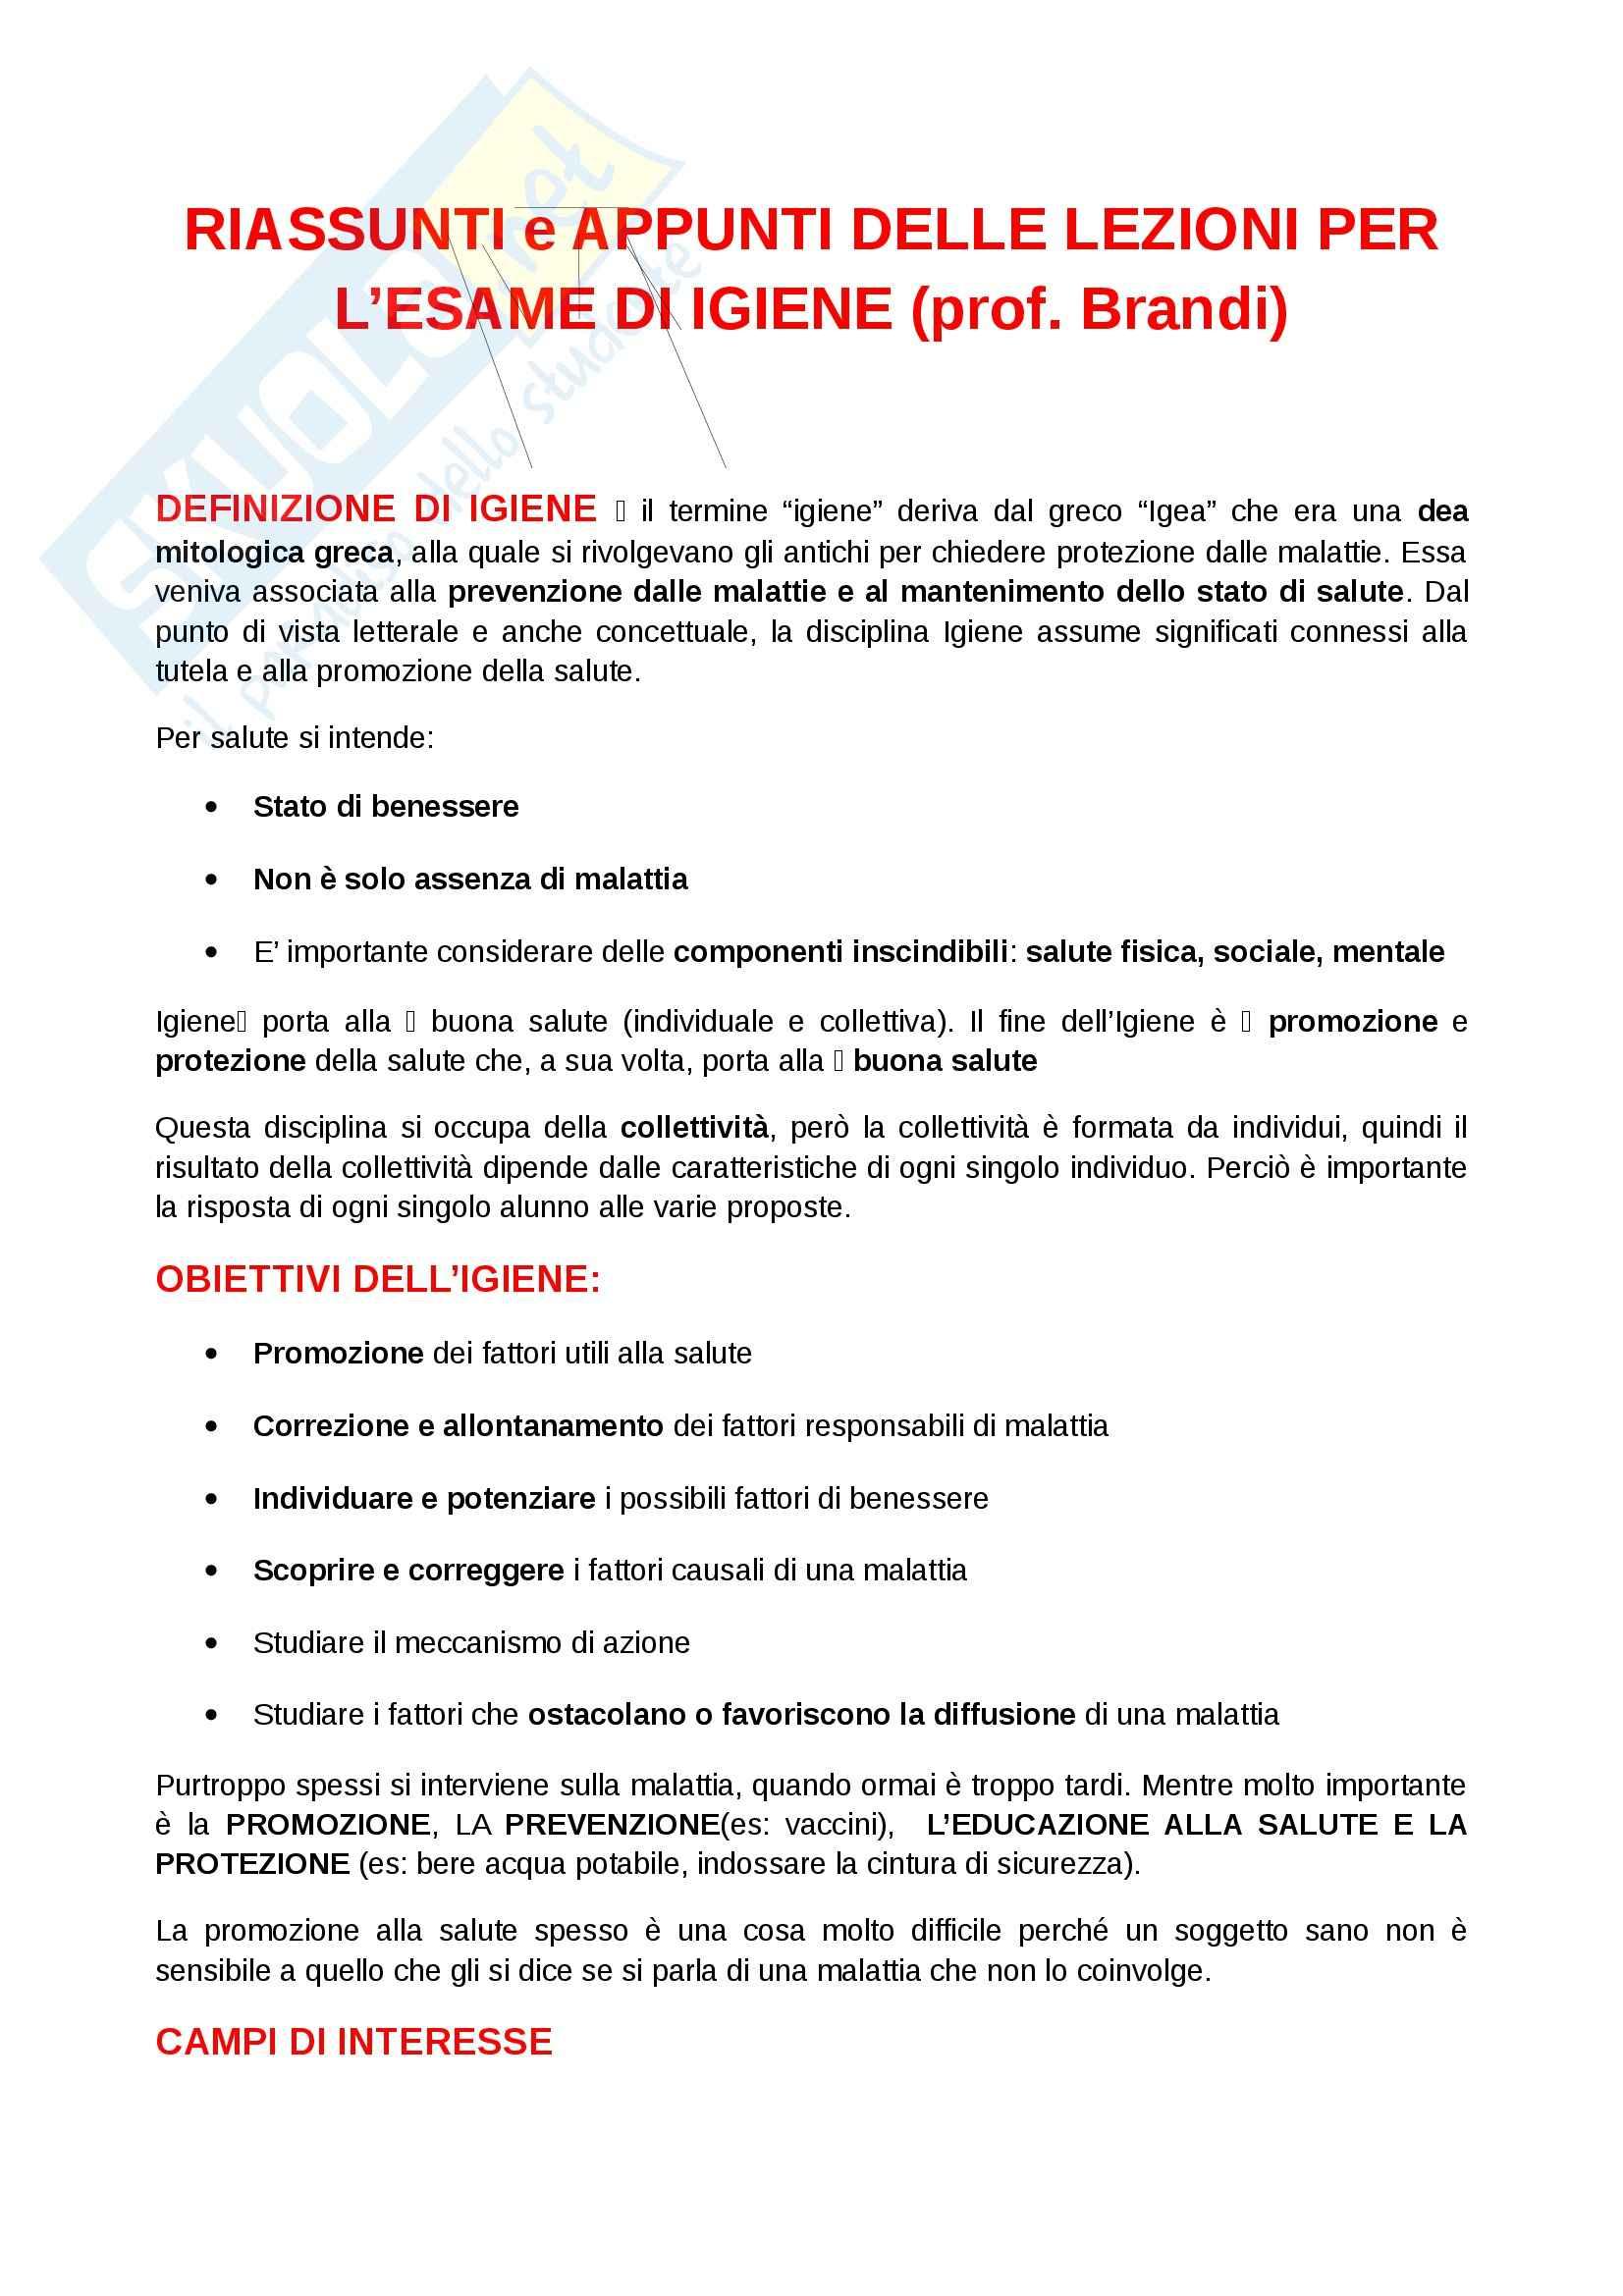 Igiene e sanità pubblica per le scienze motorie  - Appunti